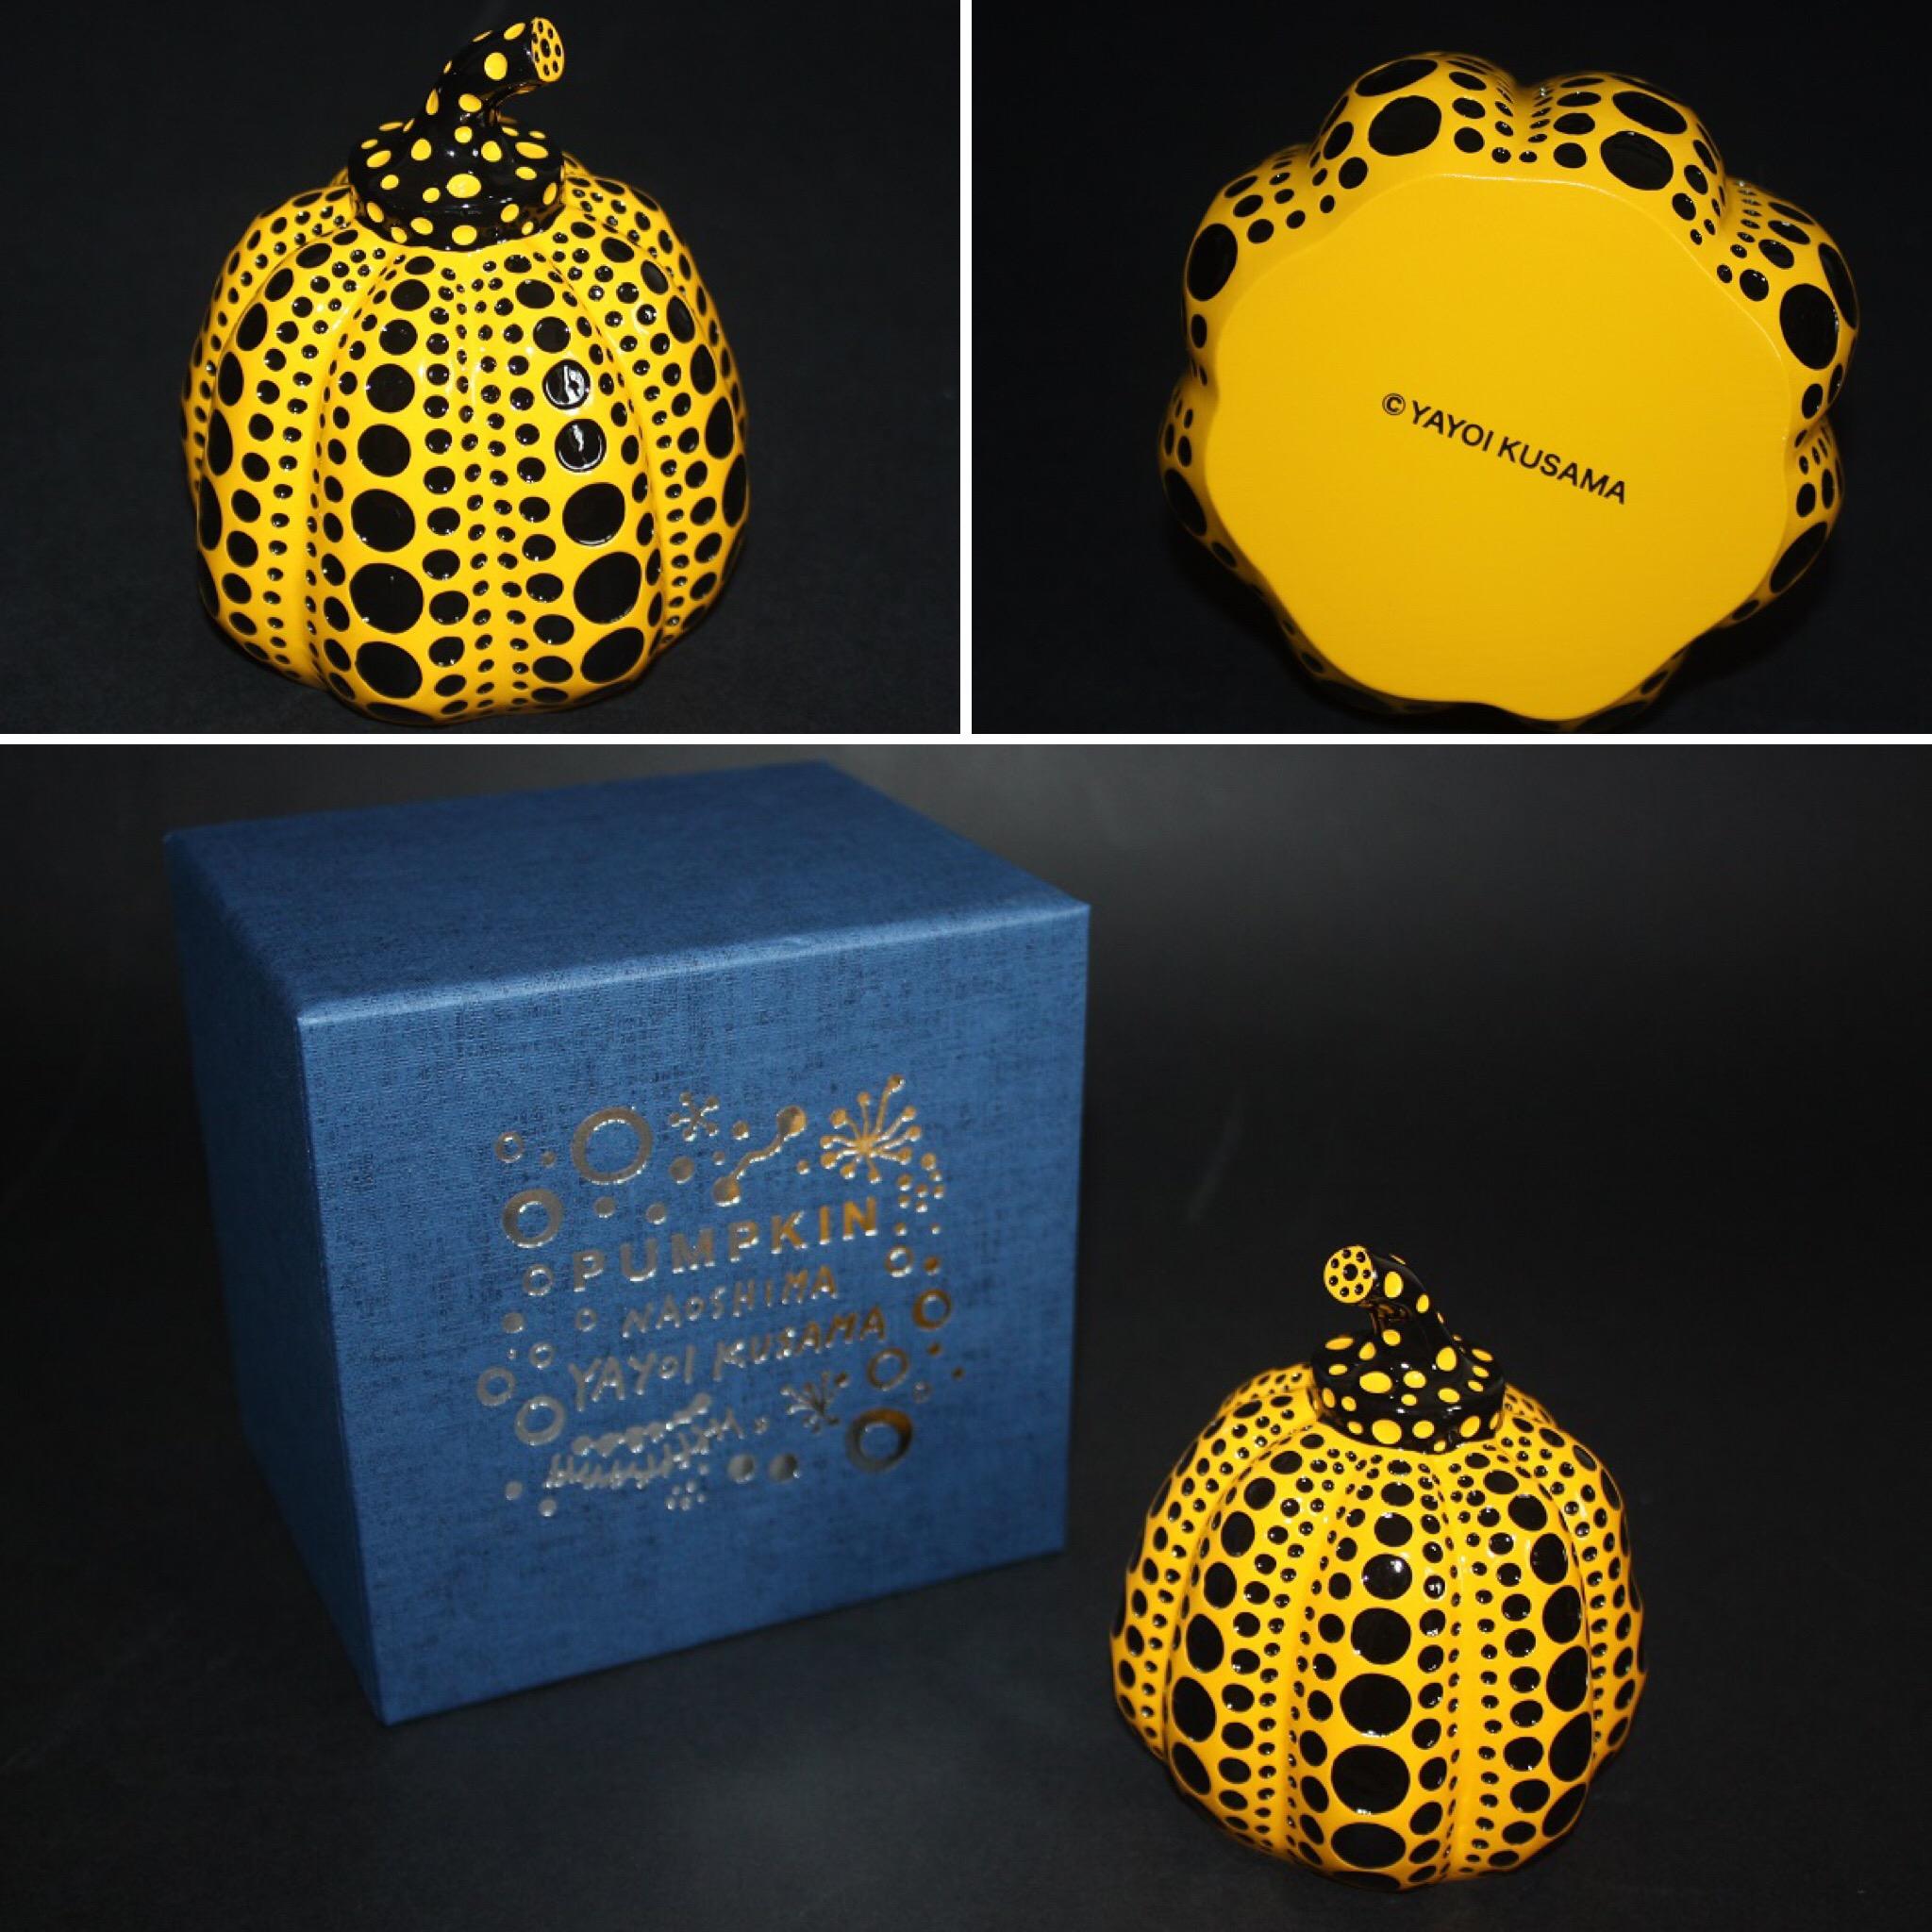 Pumpkin (yellow And Black) by Yayoi Kusama